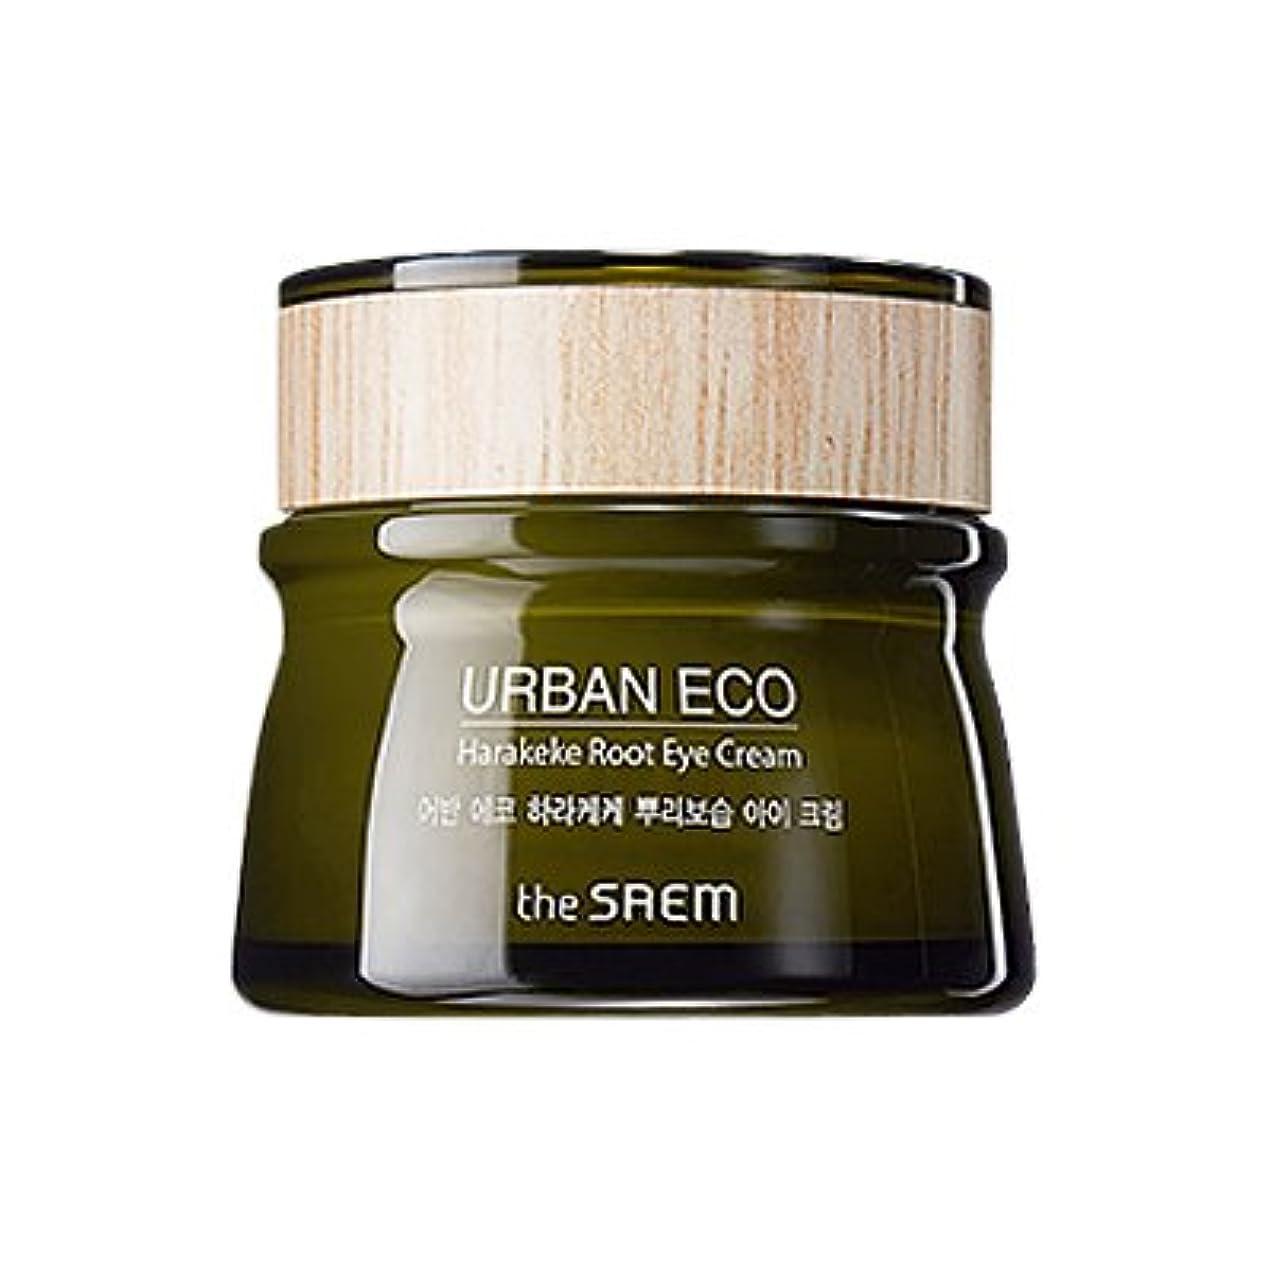 成功した放散する一過性The SAEM Urban Eco Harakeke Root Eye Creamザセムアーバンエコハラケケ根保湿アイクリーム [並行輸入品]